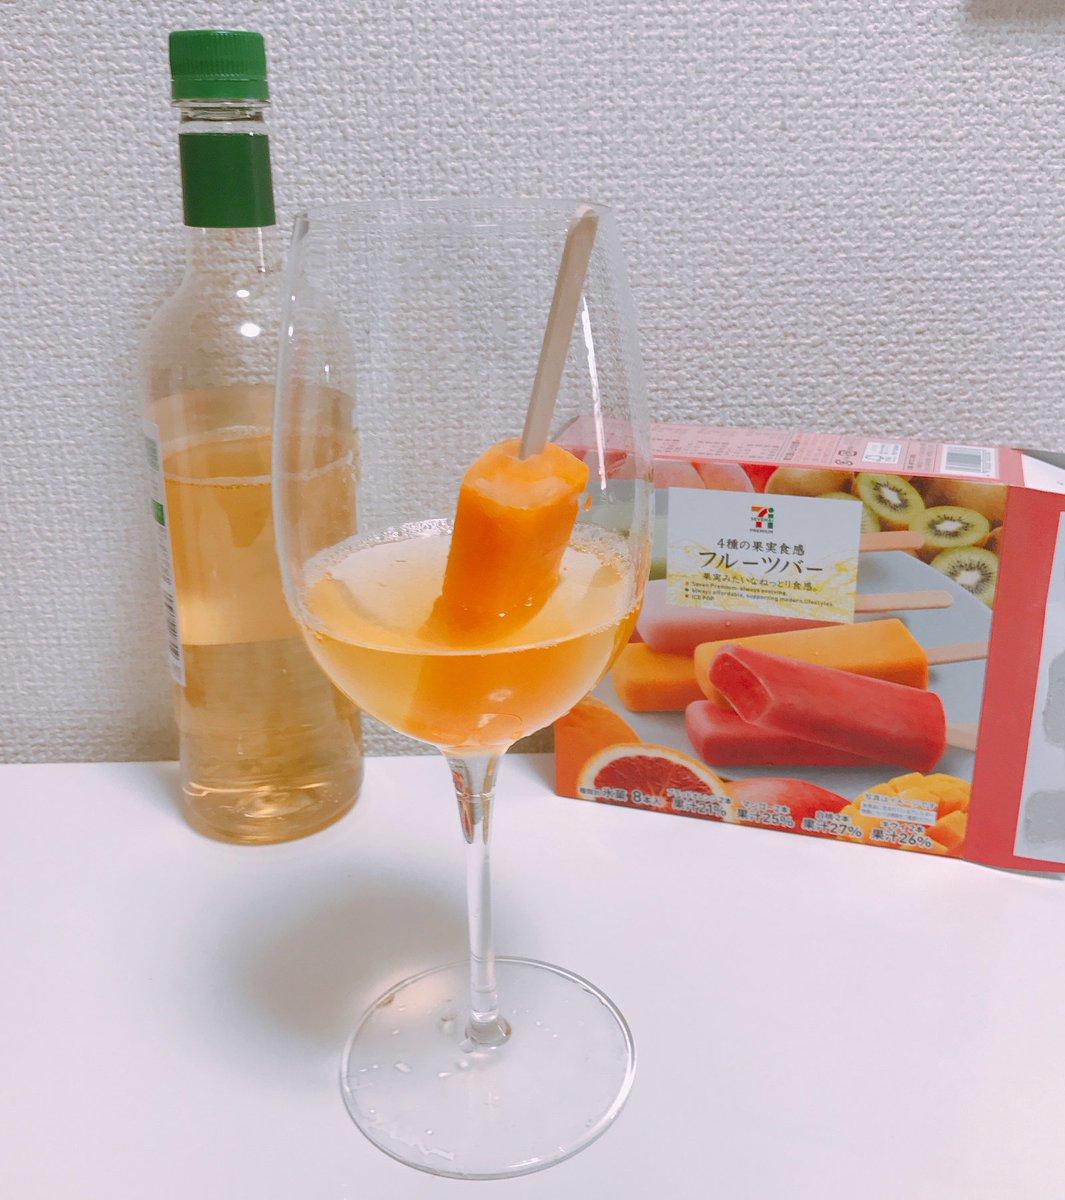 test ツイッターメディア - 【暑い日に食べたい、アイスのちょい足しアレンジ】  🍓フルーツアイスバー×ワイン 気軽にめちゃくちゃ美味しいサングルアが飲めちゃいます。 https://t.co/puuVhKXMle https://t.co/kfDtV9oruN